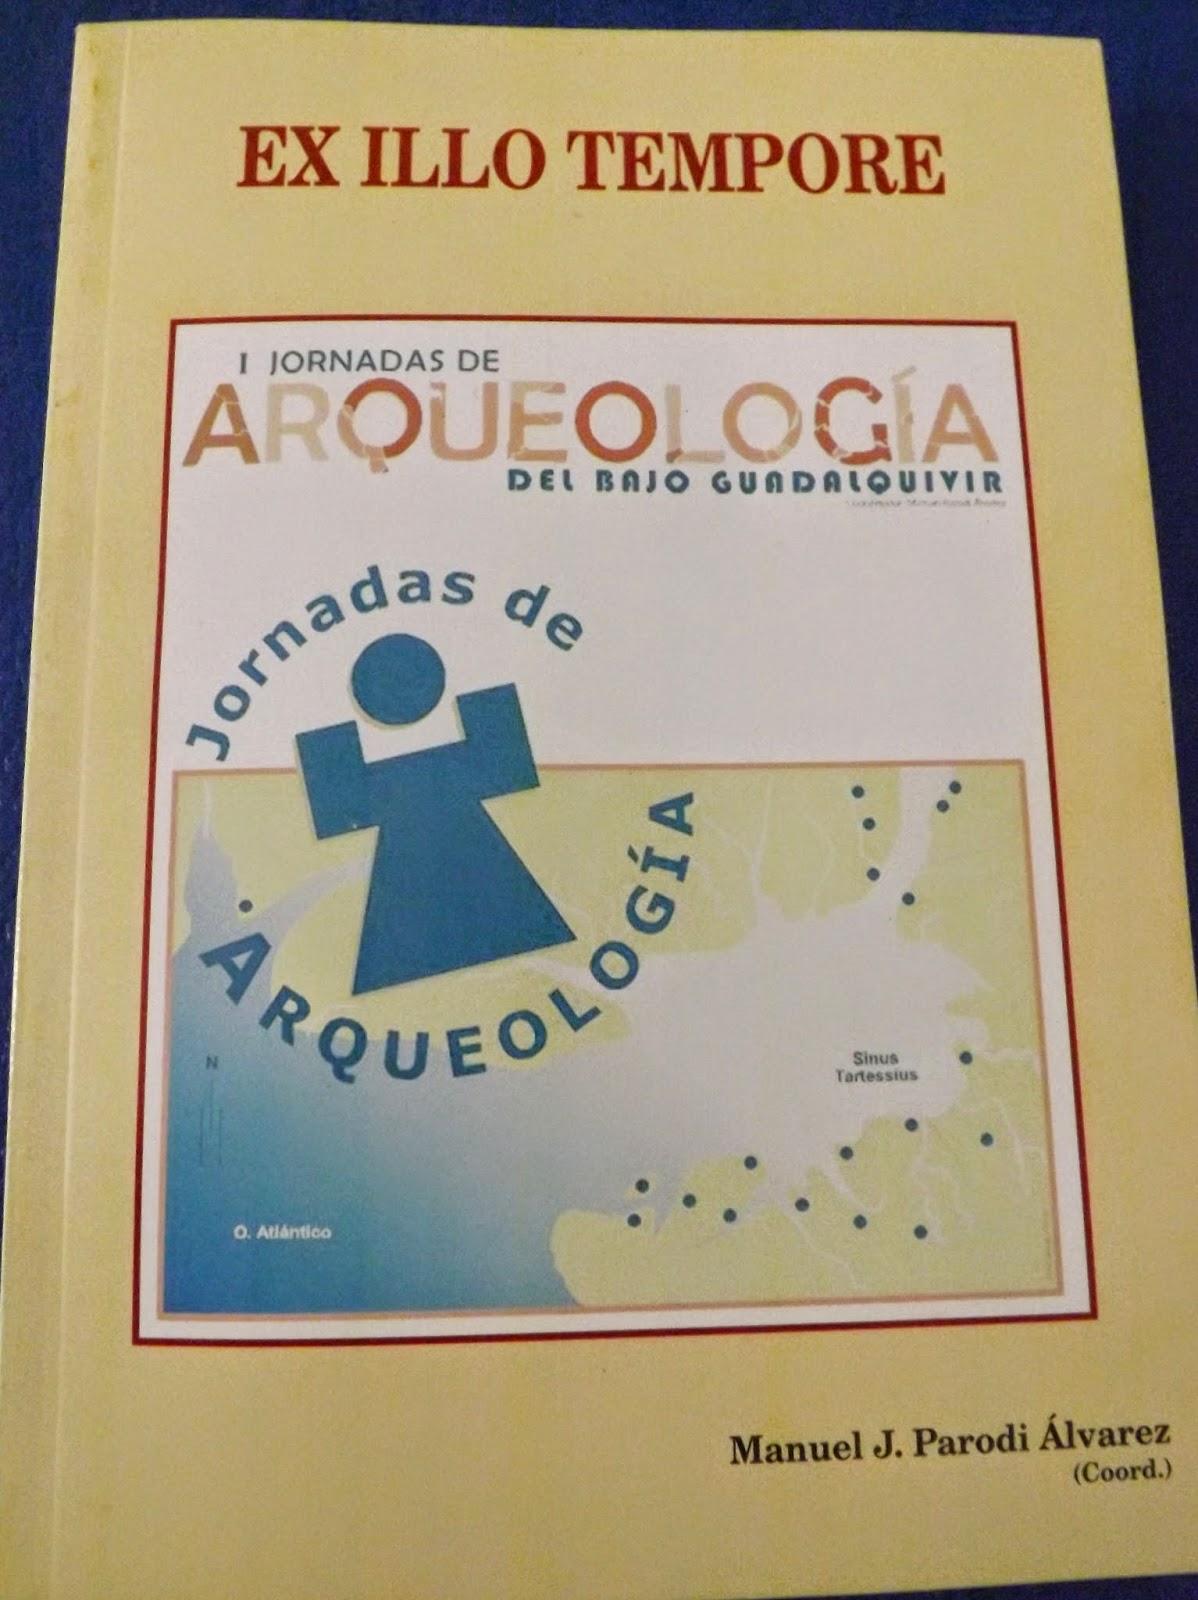 Actas de las I Jornadas de Arqueología del Bajo Gaudalquivir.